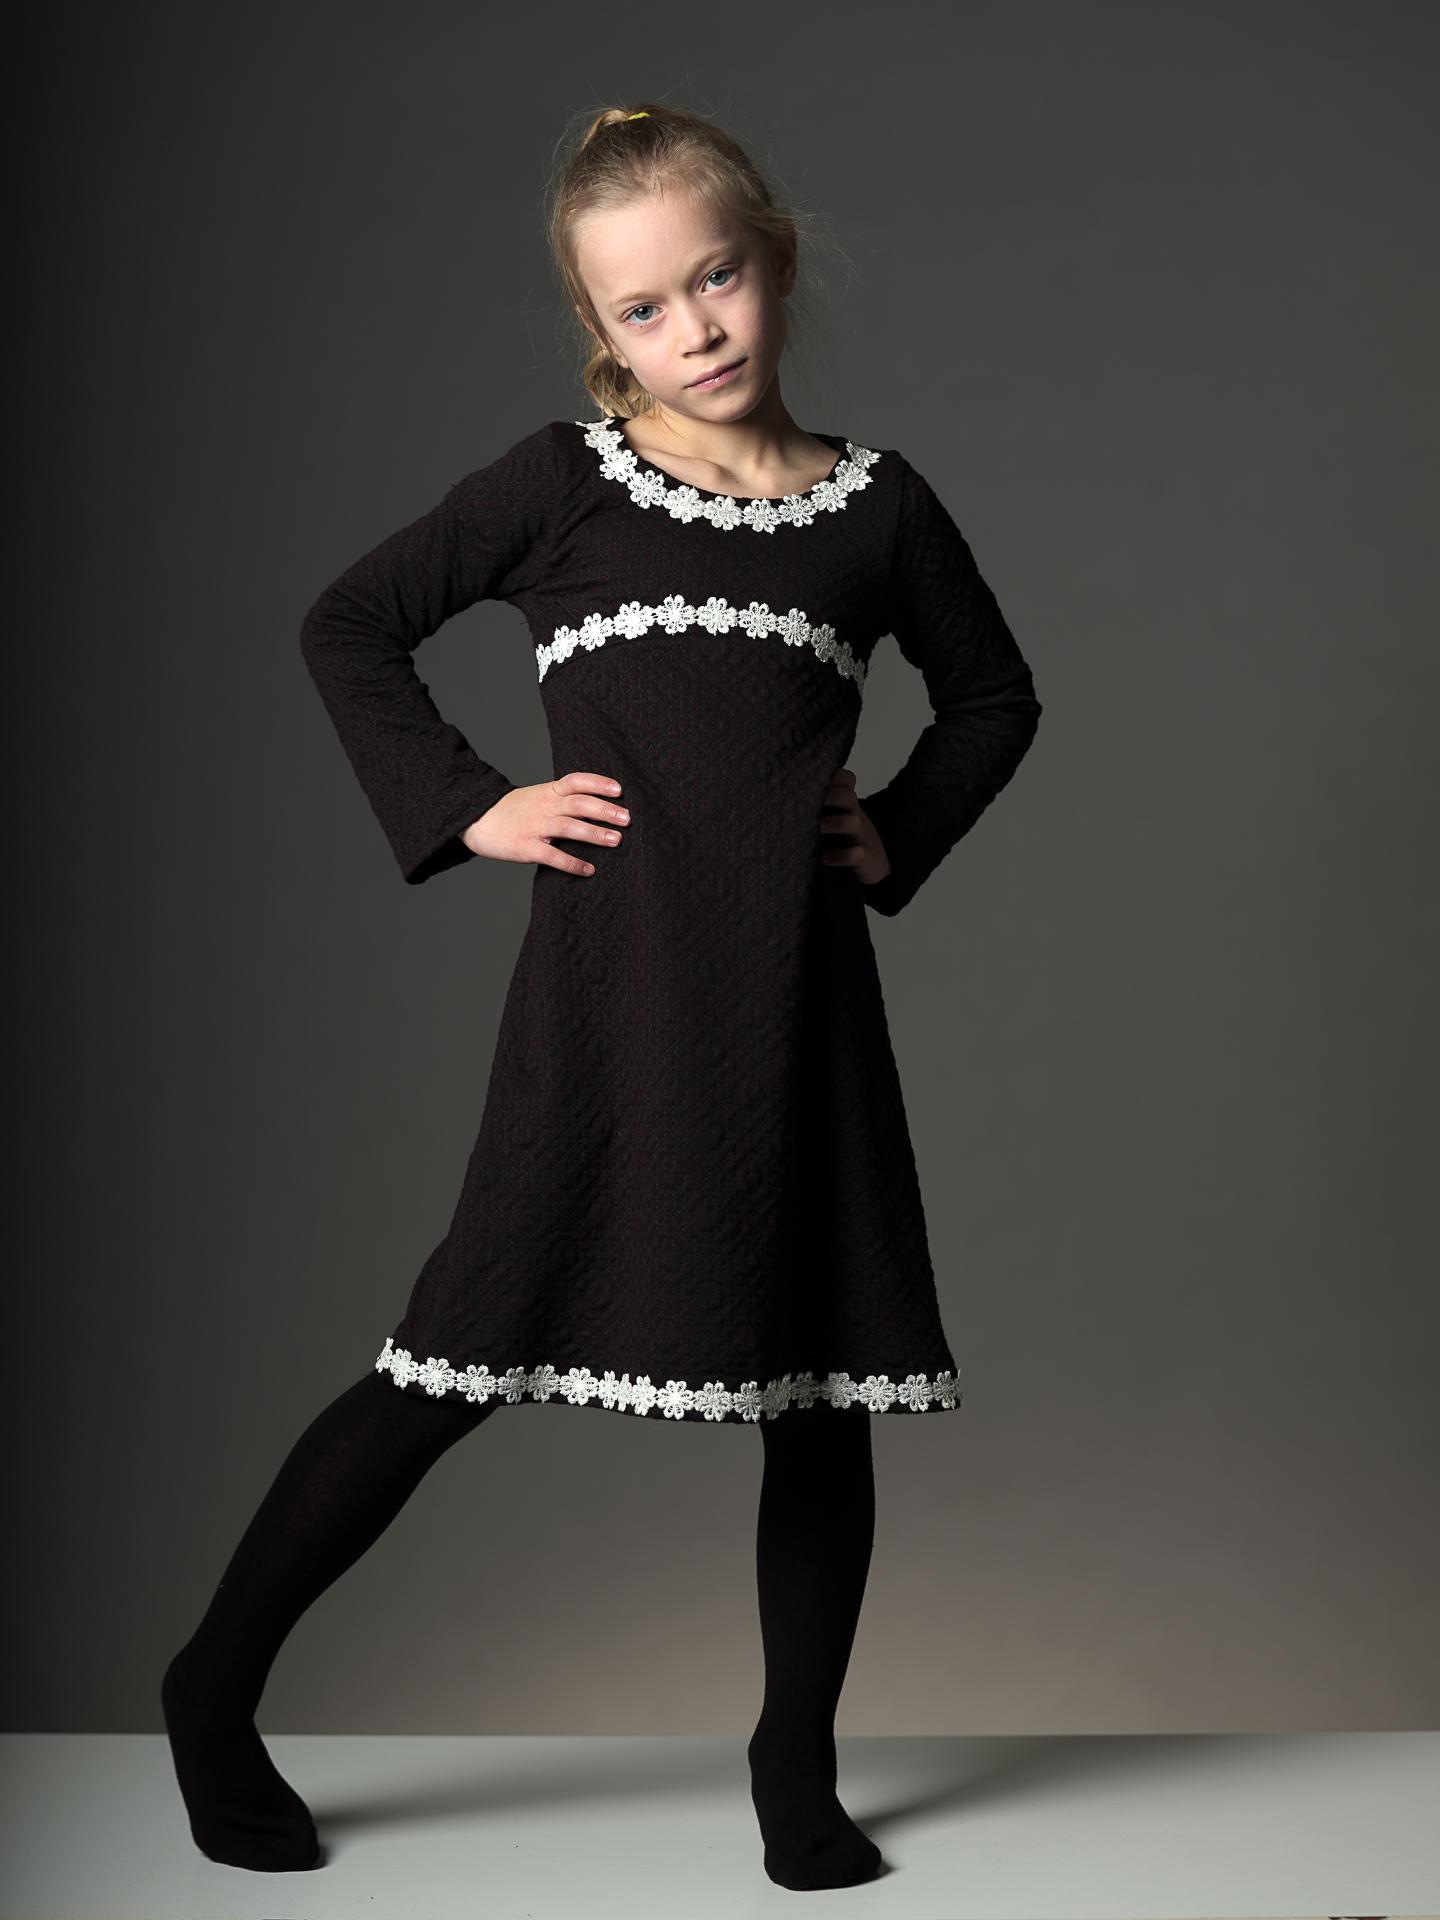 Splinternye Sort Kjole med blomster – Tøj til piger og drenge HR-75